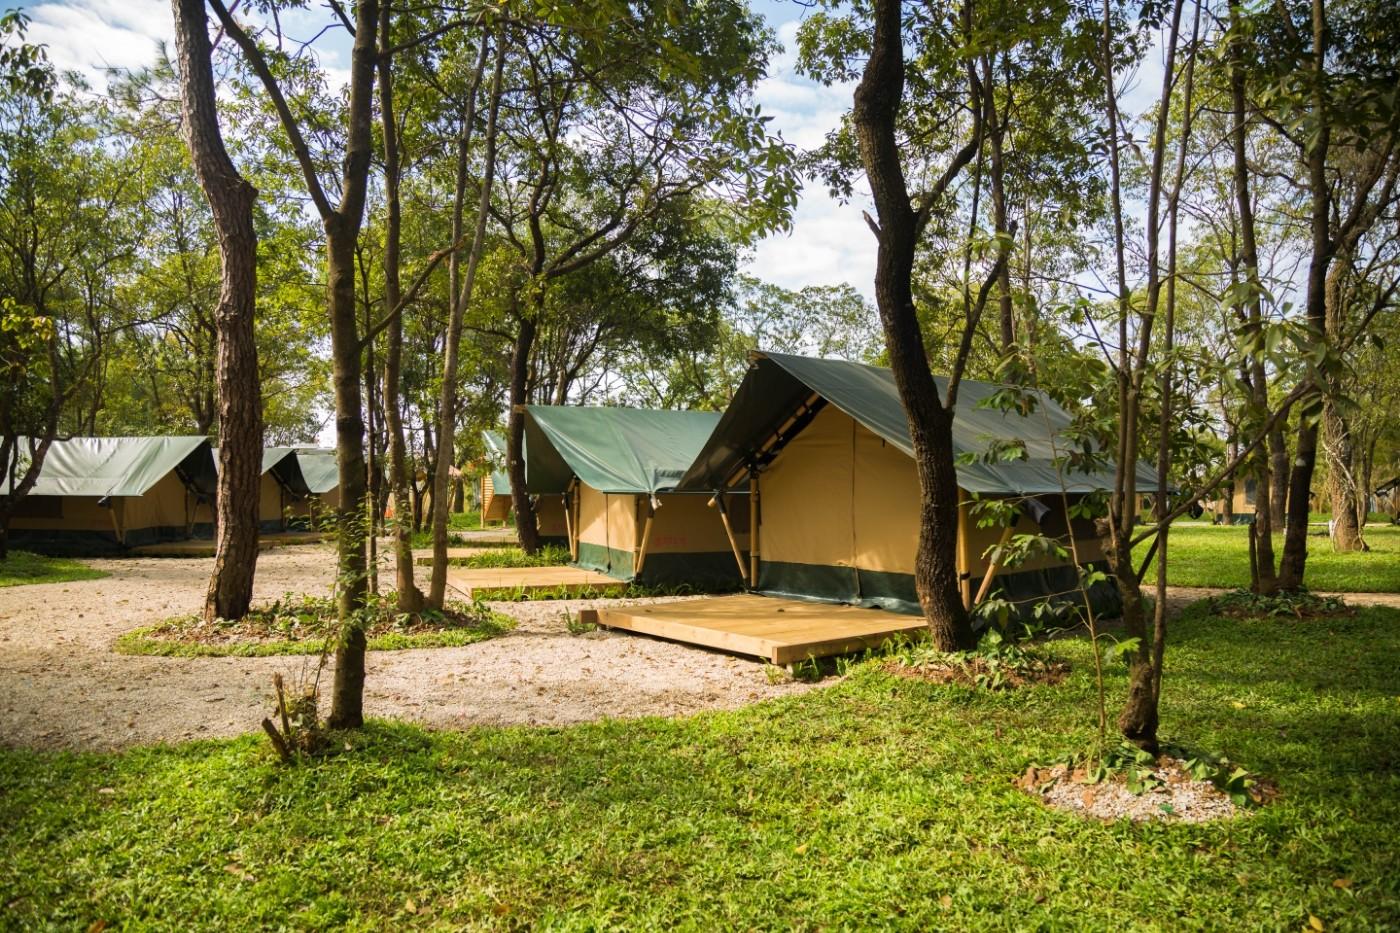 喜马拉雅青少年教育营地—广州和营天下平地帐篷酒店4